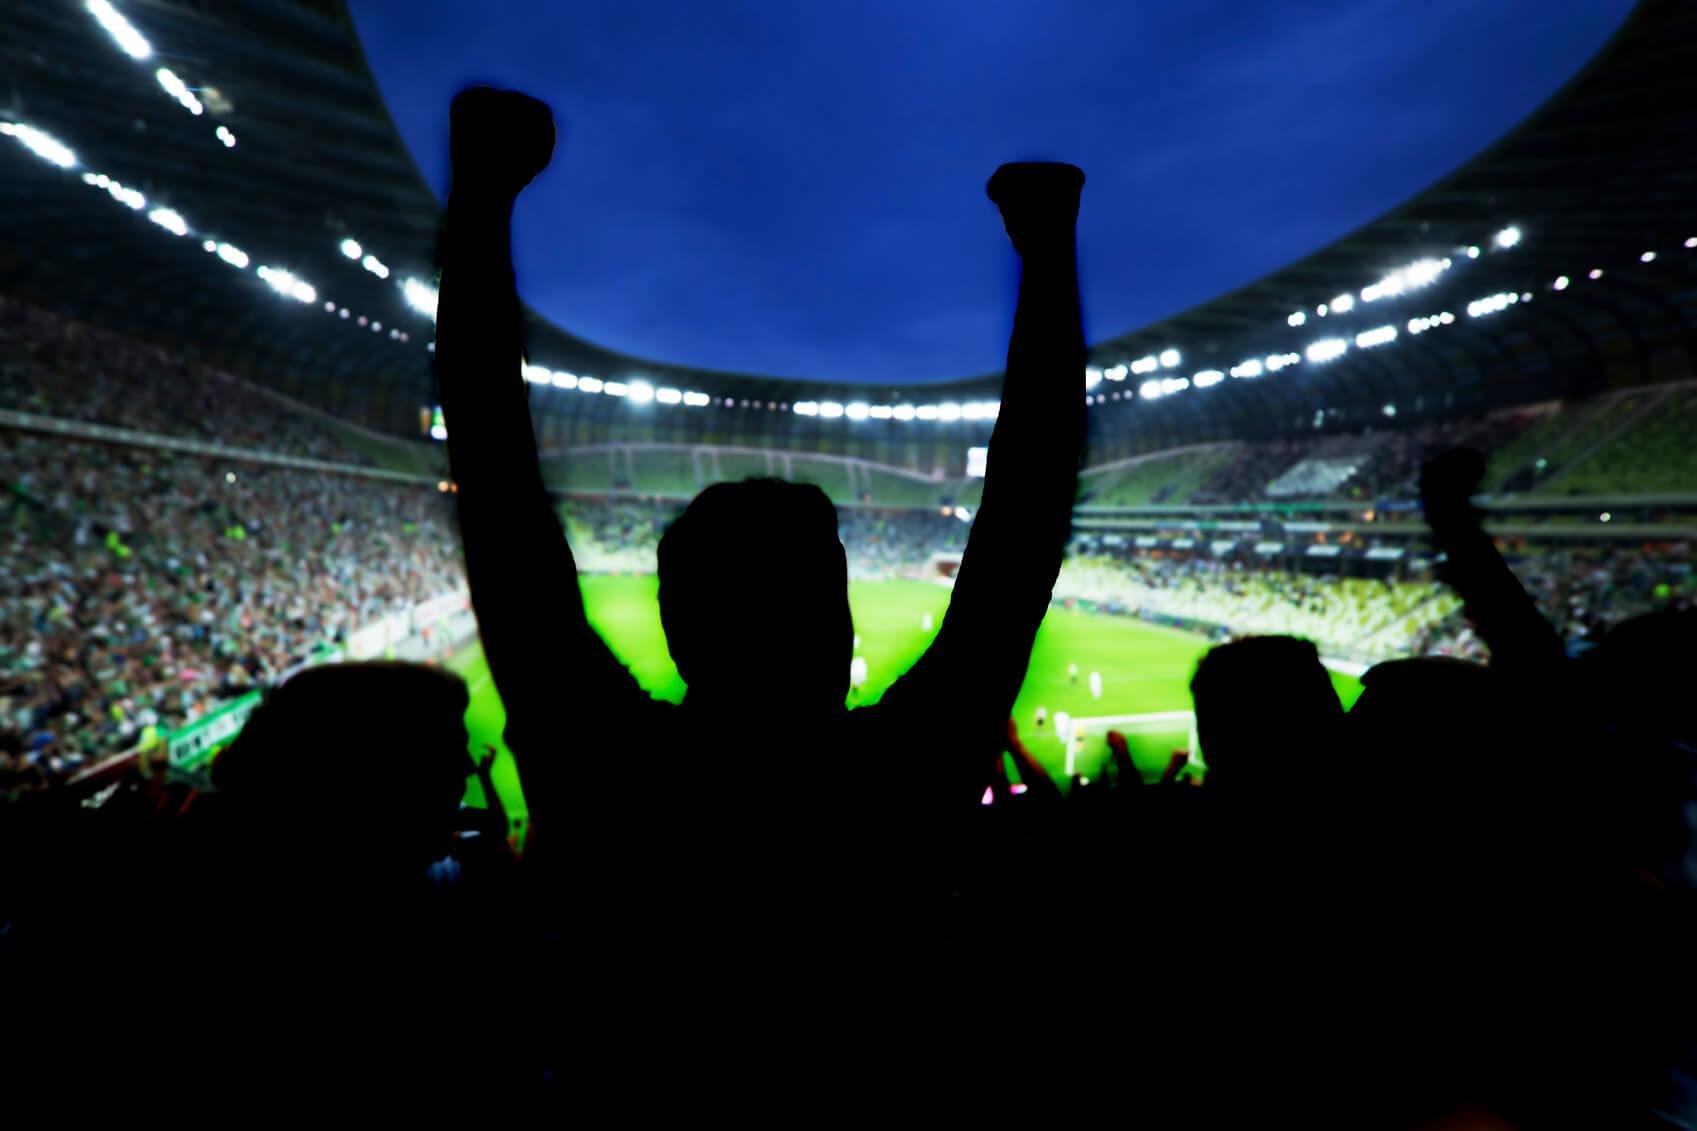 2-sports-fan-popular-video